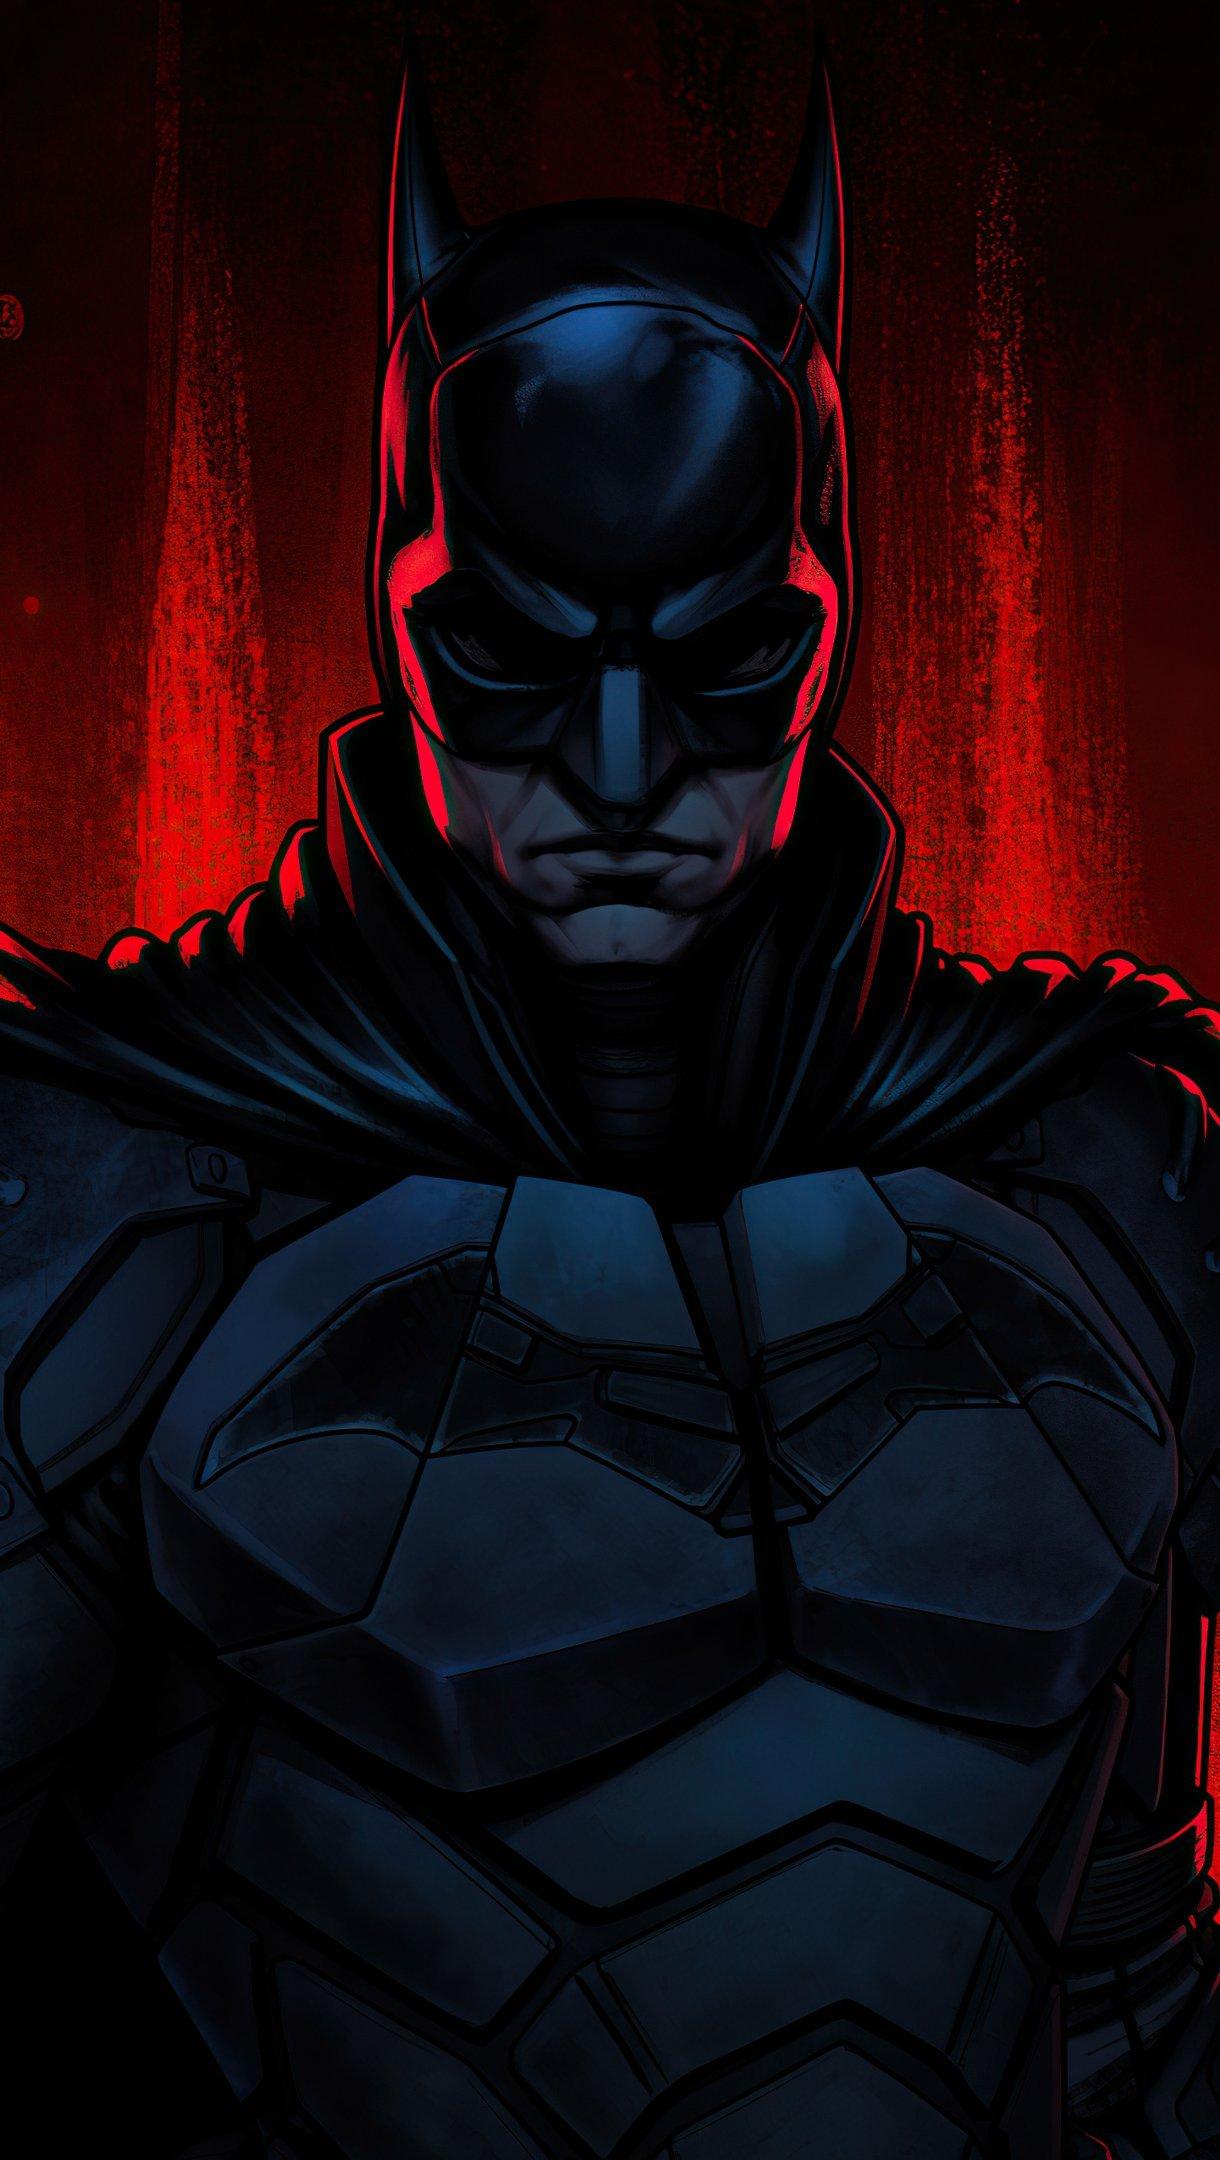 Fondos de pantalla The Batman con fondo rojo Vertical